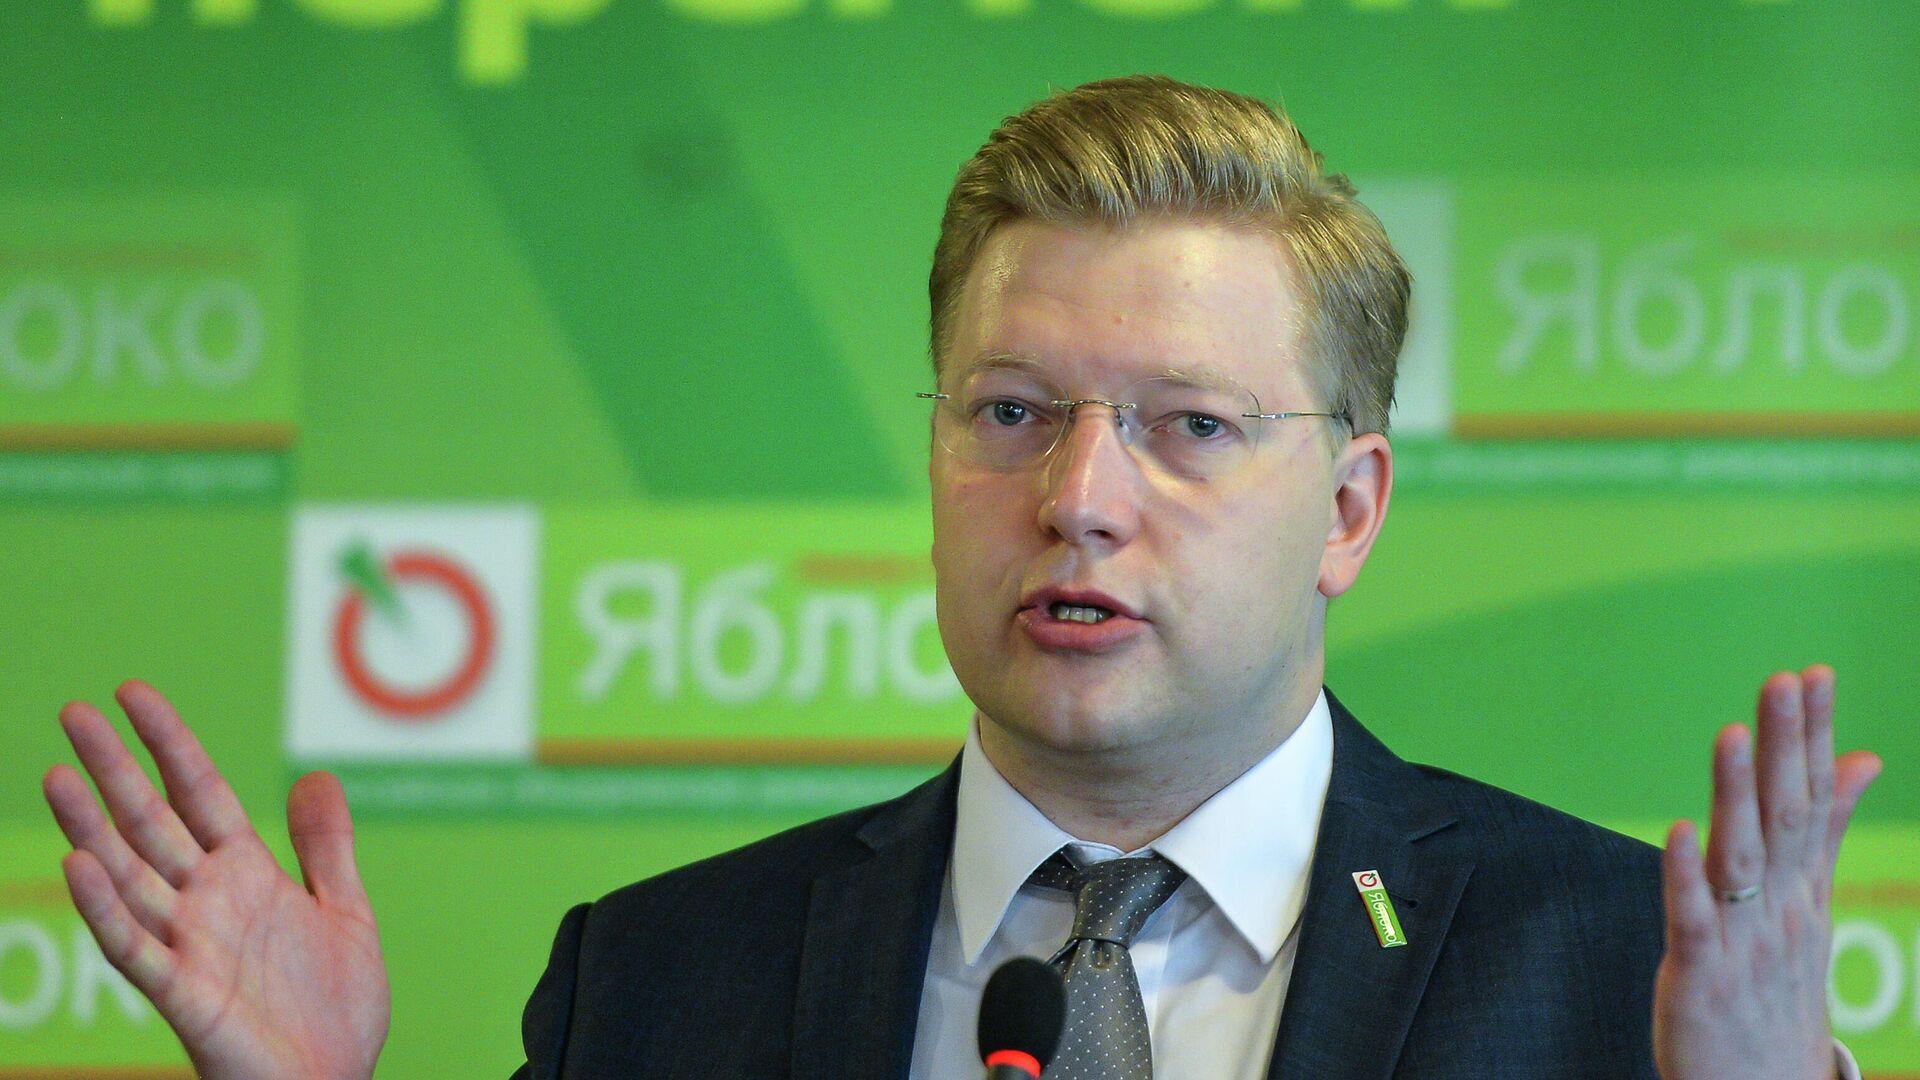 Партия Яблоко представила план законодательной работы в Госдуме - РИА Новости, 1920, 01.07.2021